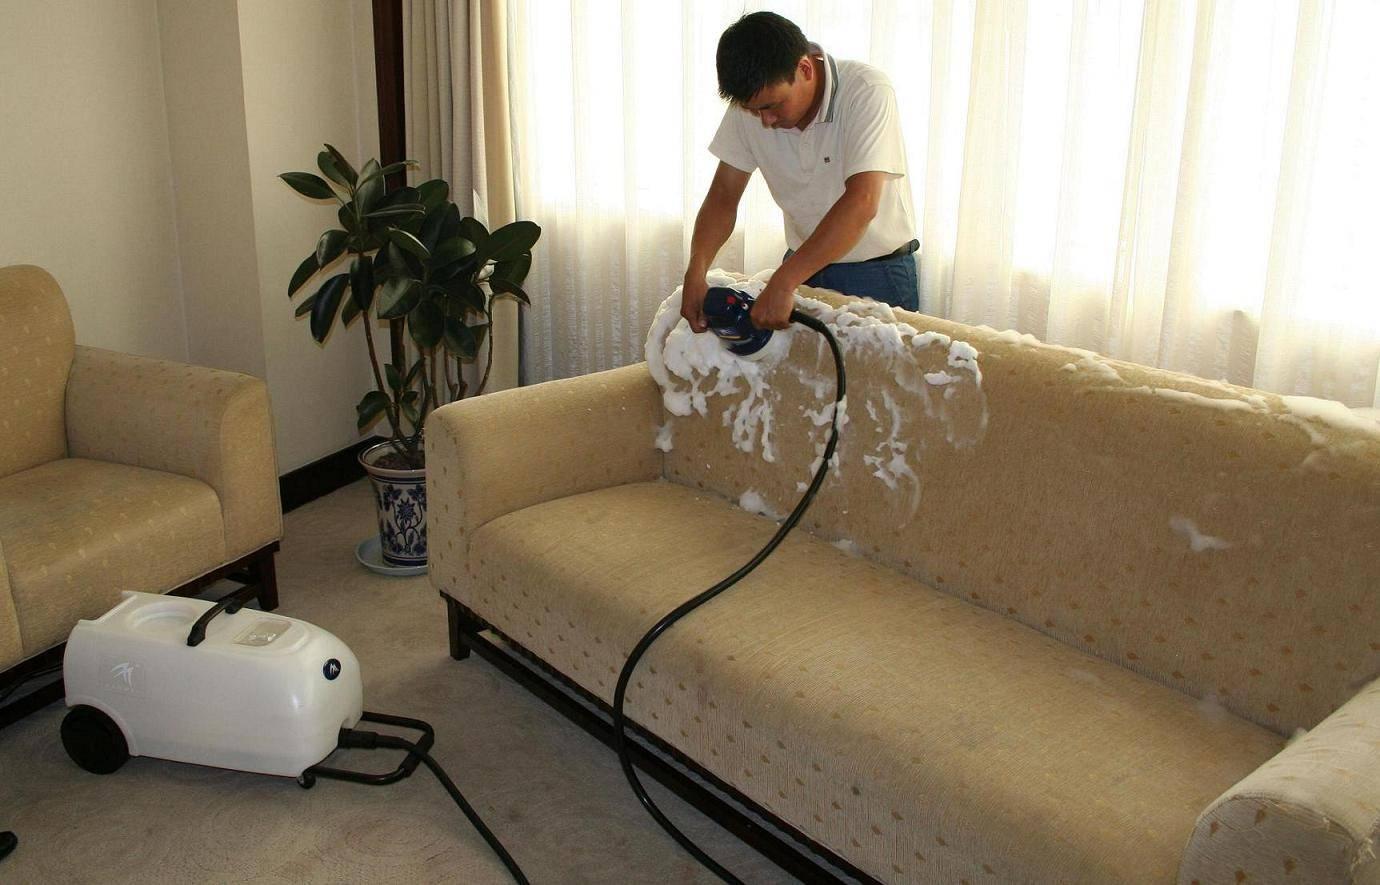 Топ 32 способа, как быстро удалить запах мочи с ковра в домашних условиях